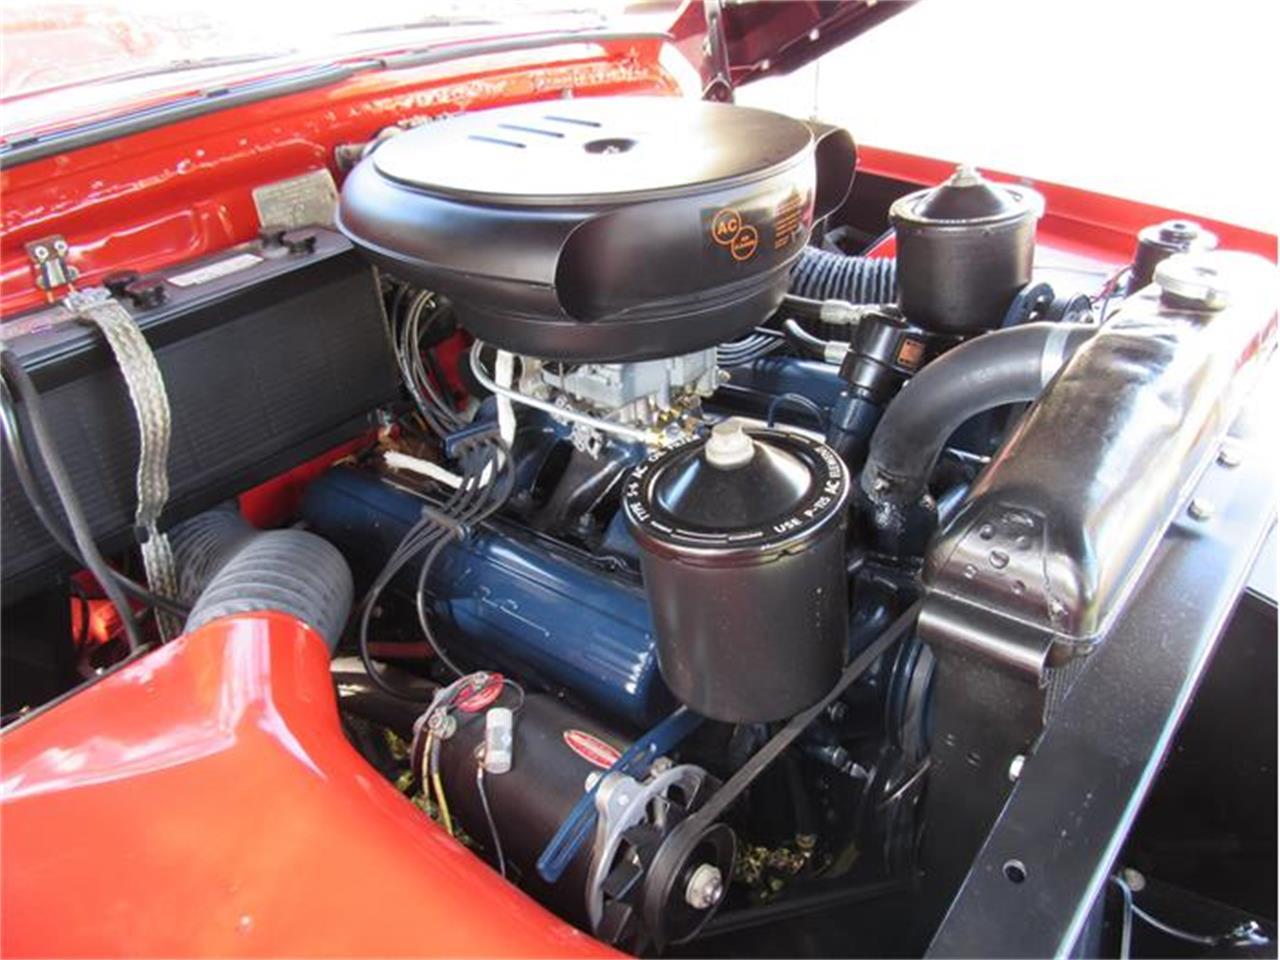 Large Picture of Classic '53 Cadillac Eldorado located in Florida - $274,500.00 - GJKK